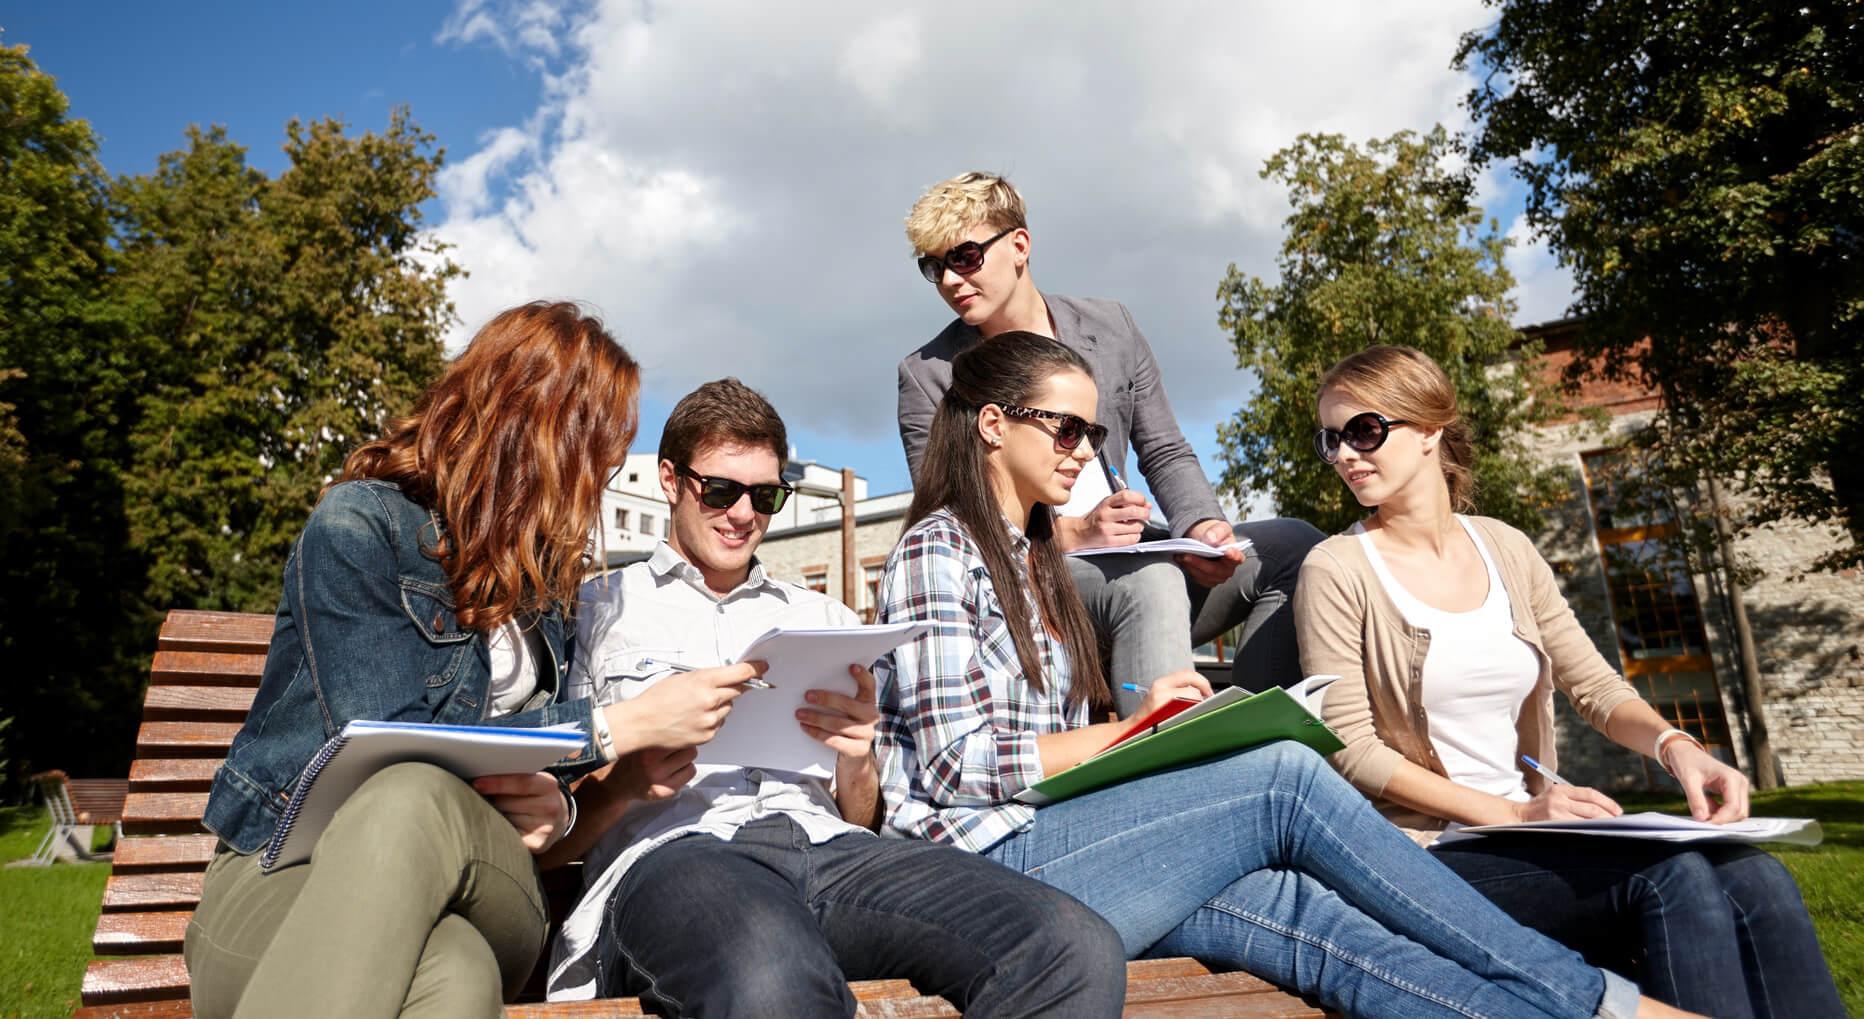 studenti-kako-uciti-ucenje-u-prirodi